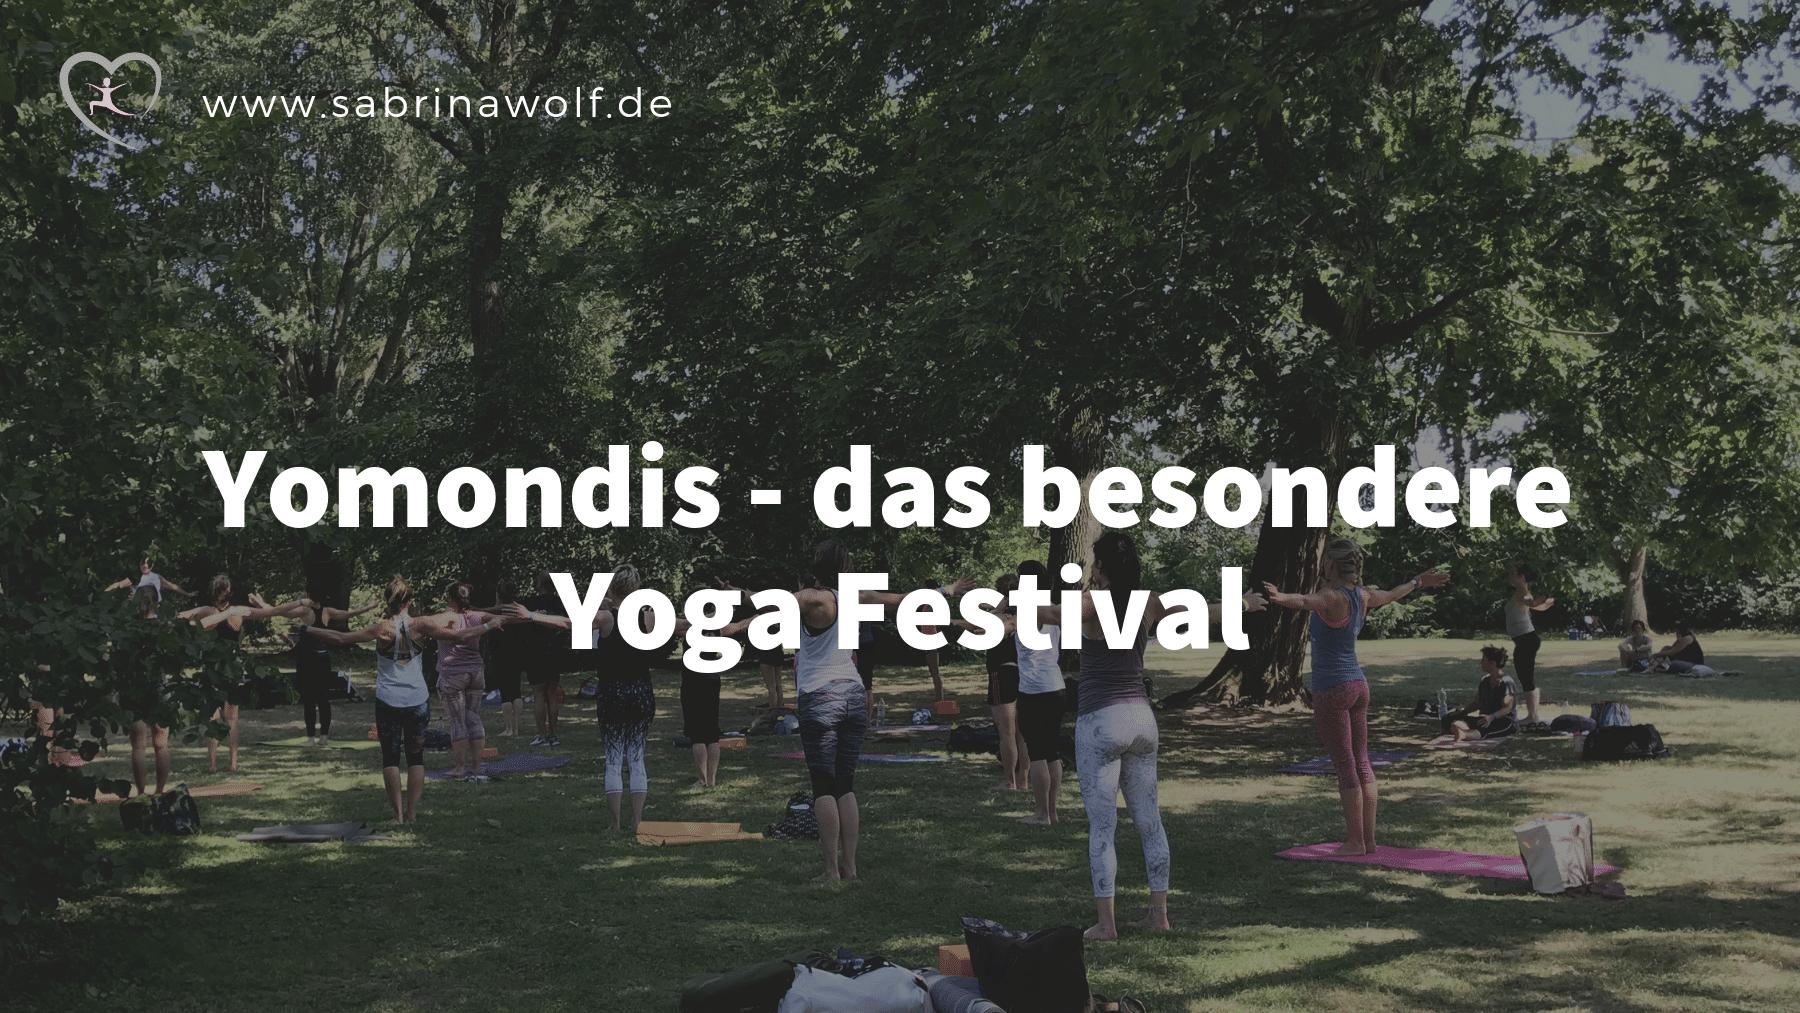 Meine Erfahrungen auf dem Yoga Festival Yomondis